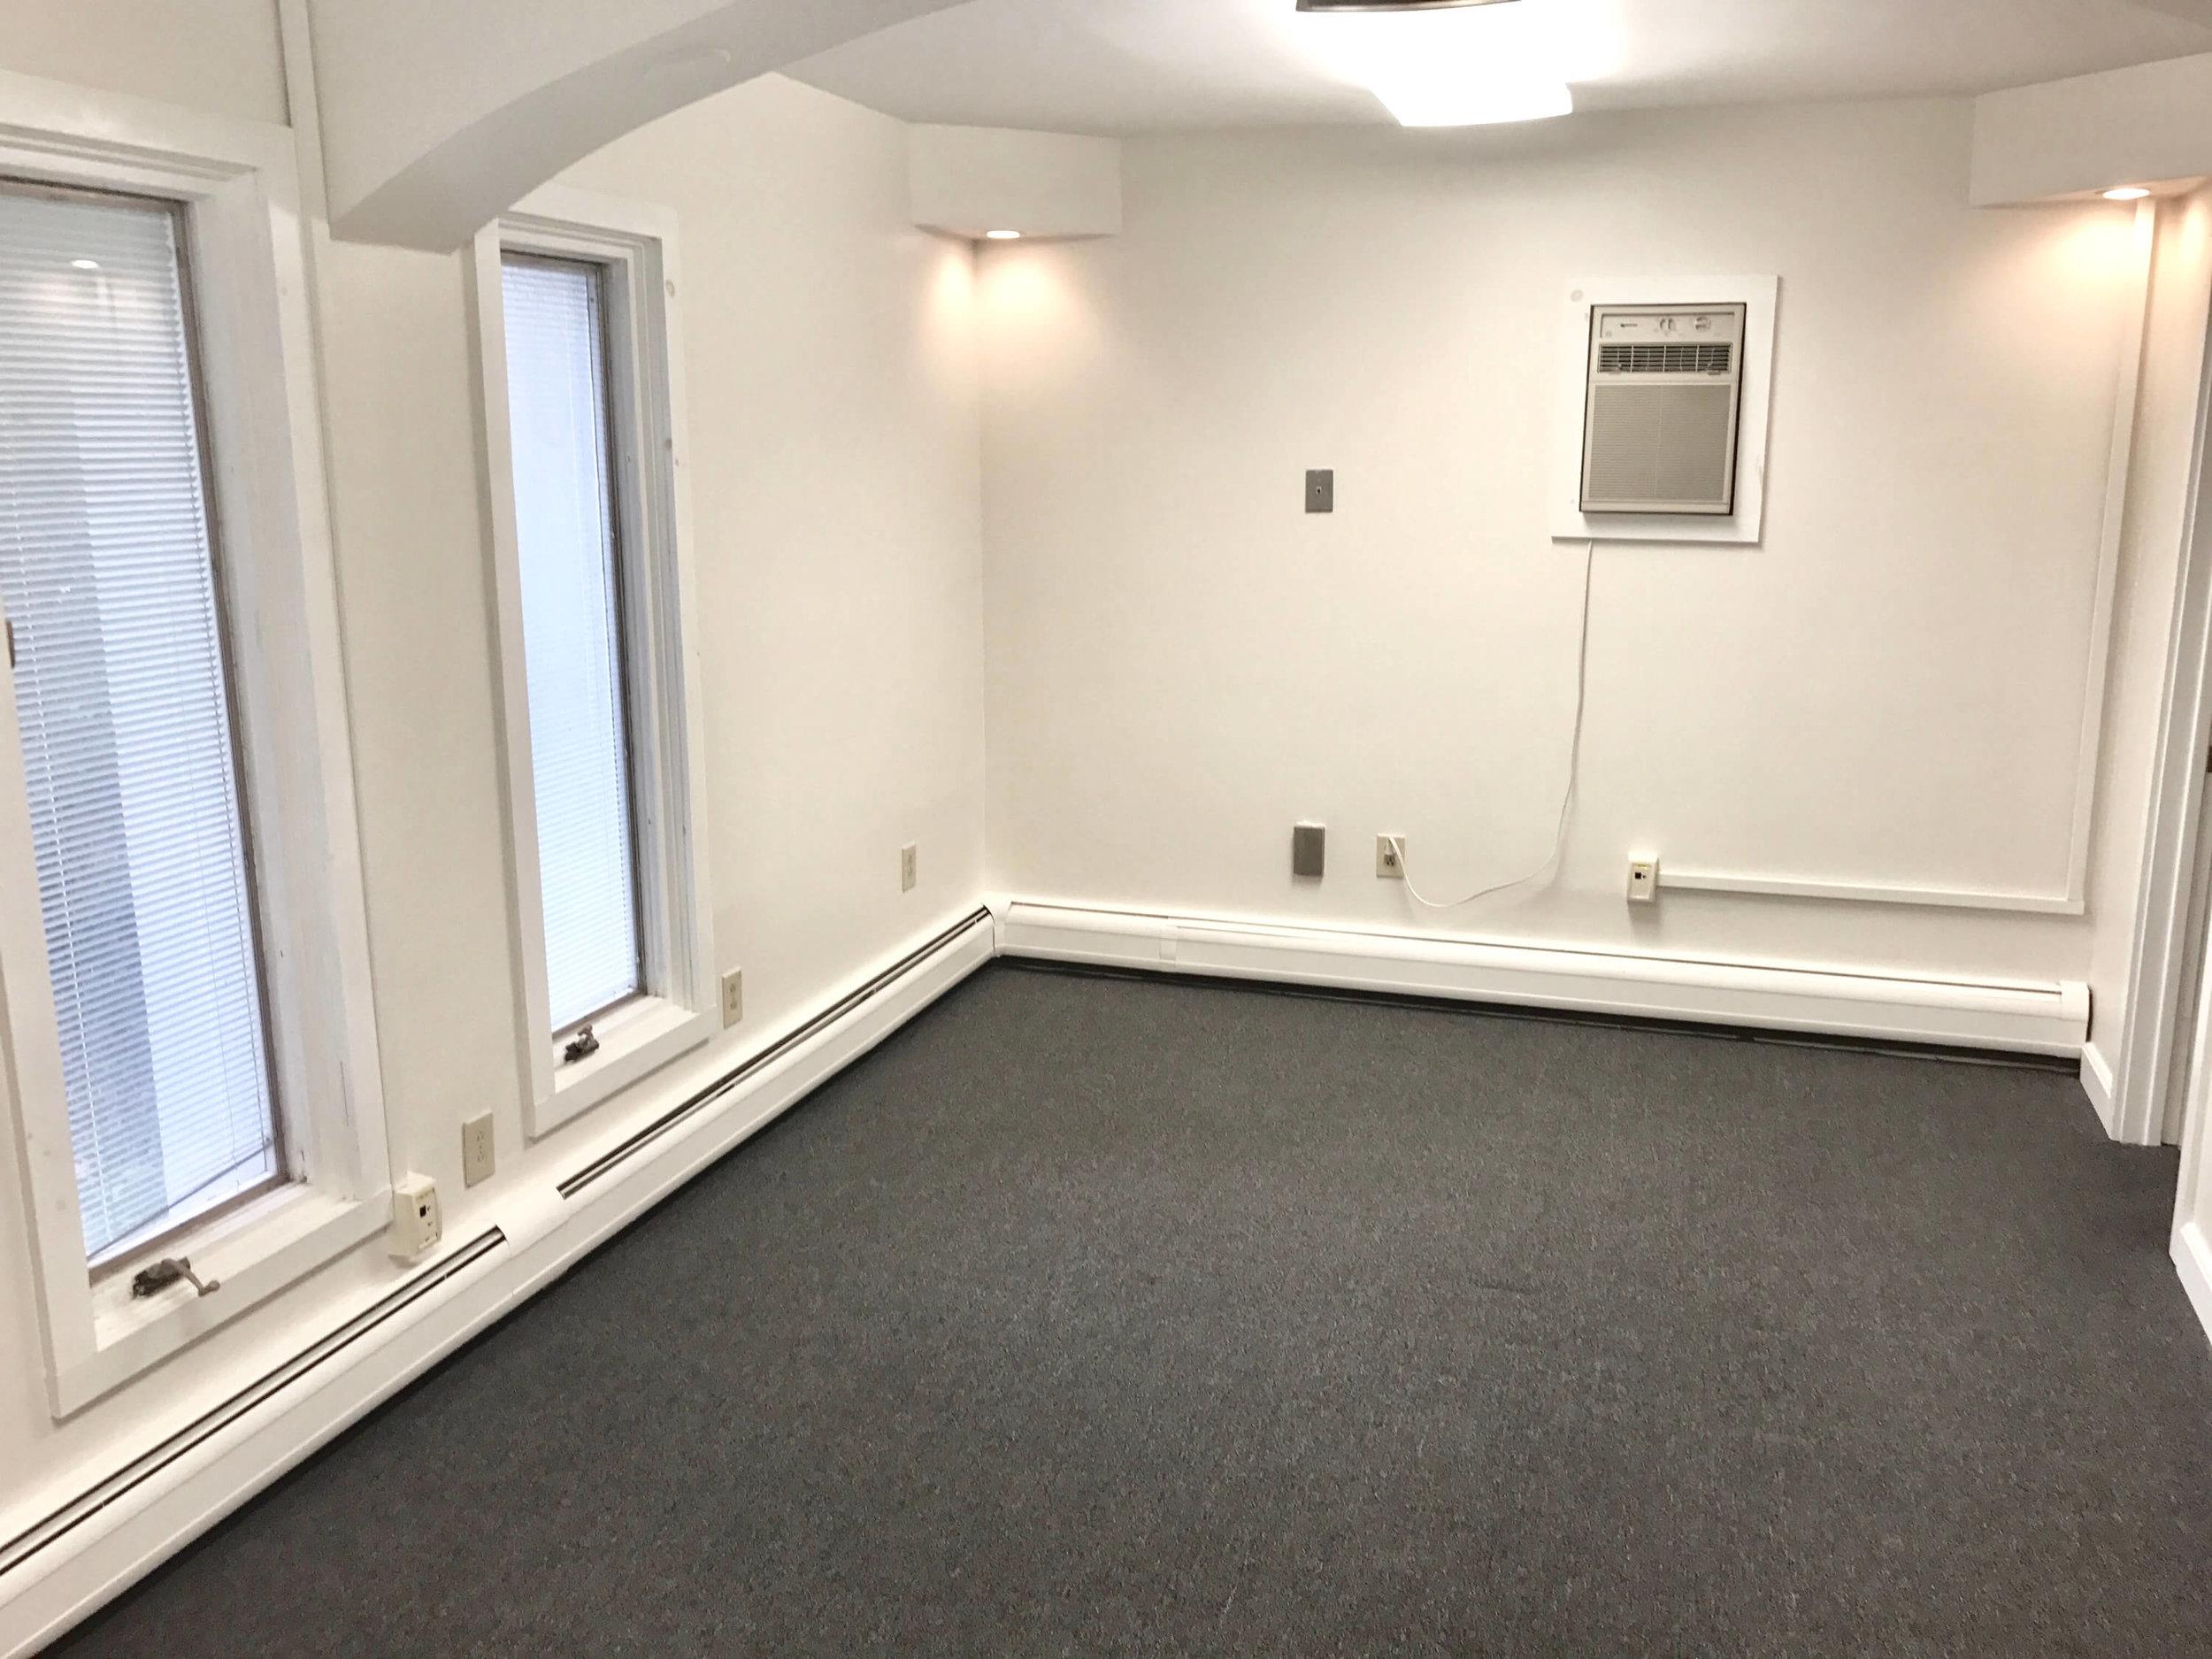 creamer floor.jpg